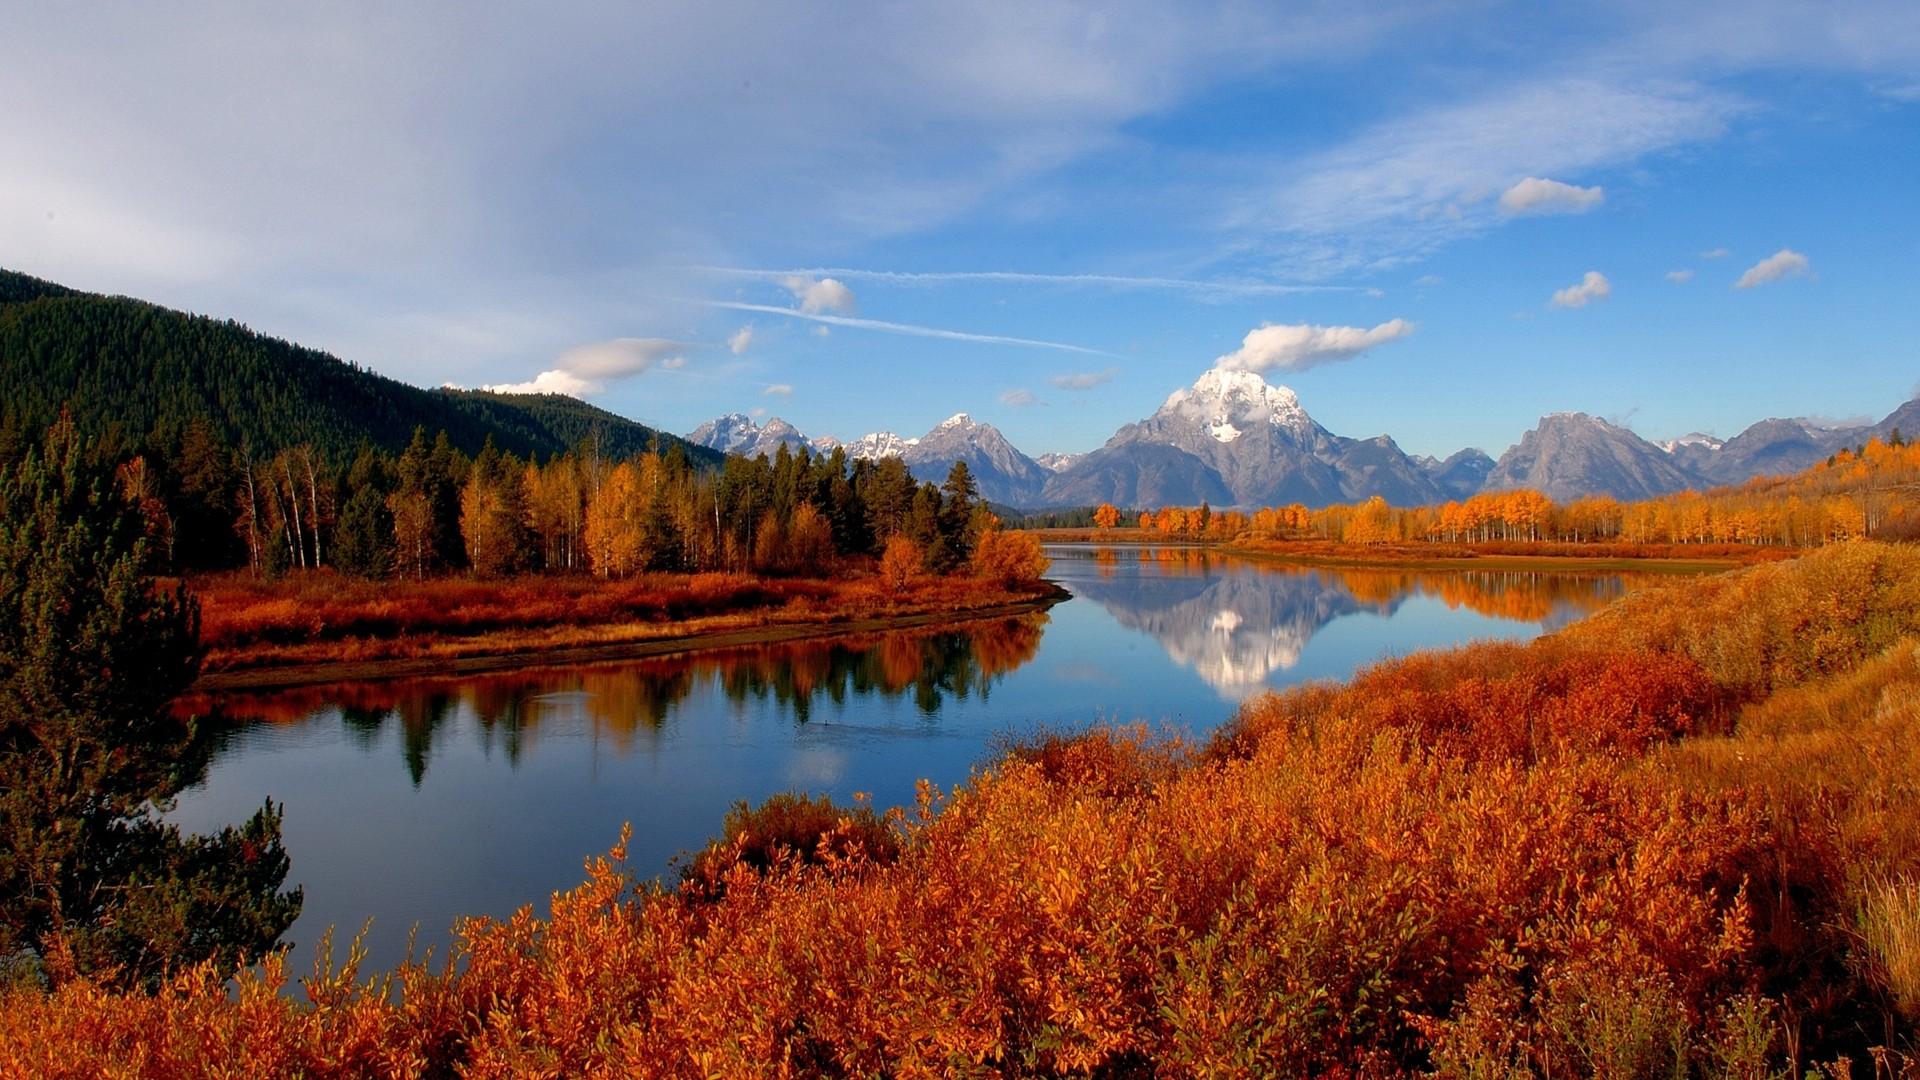 Hình ảnh đẹp về mùa thu